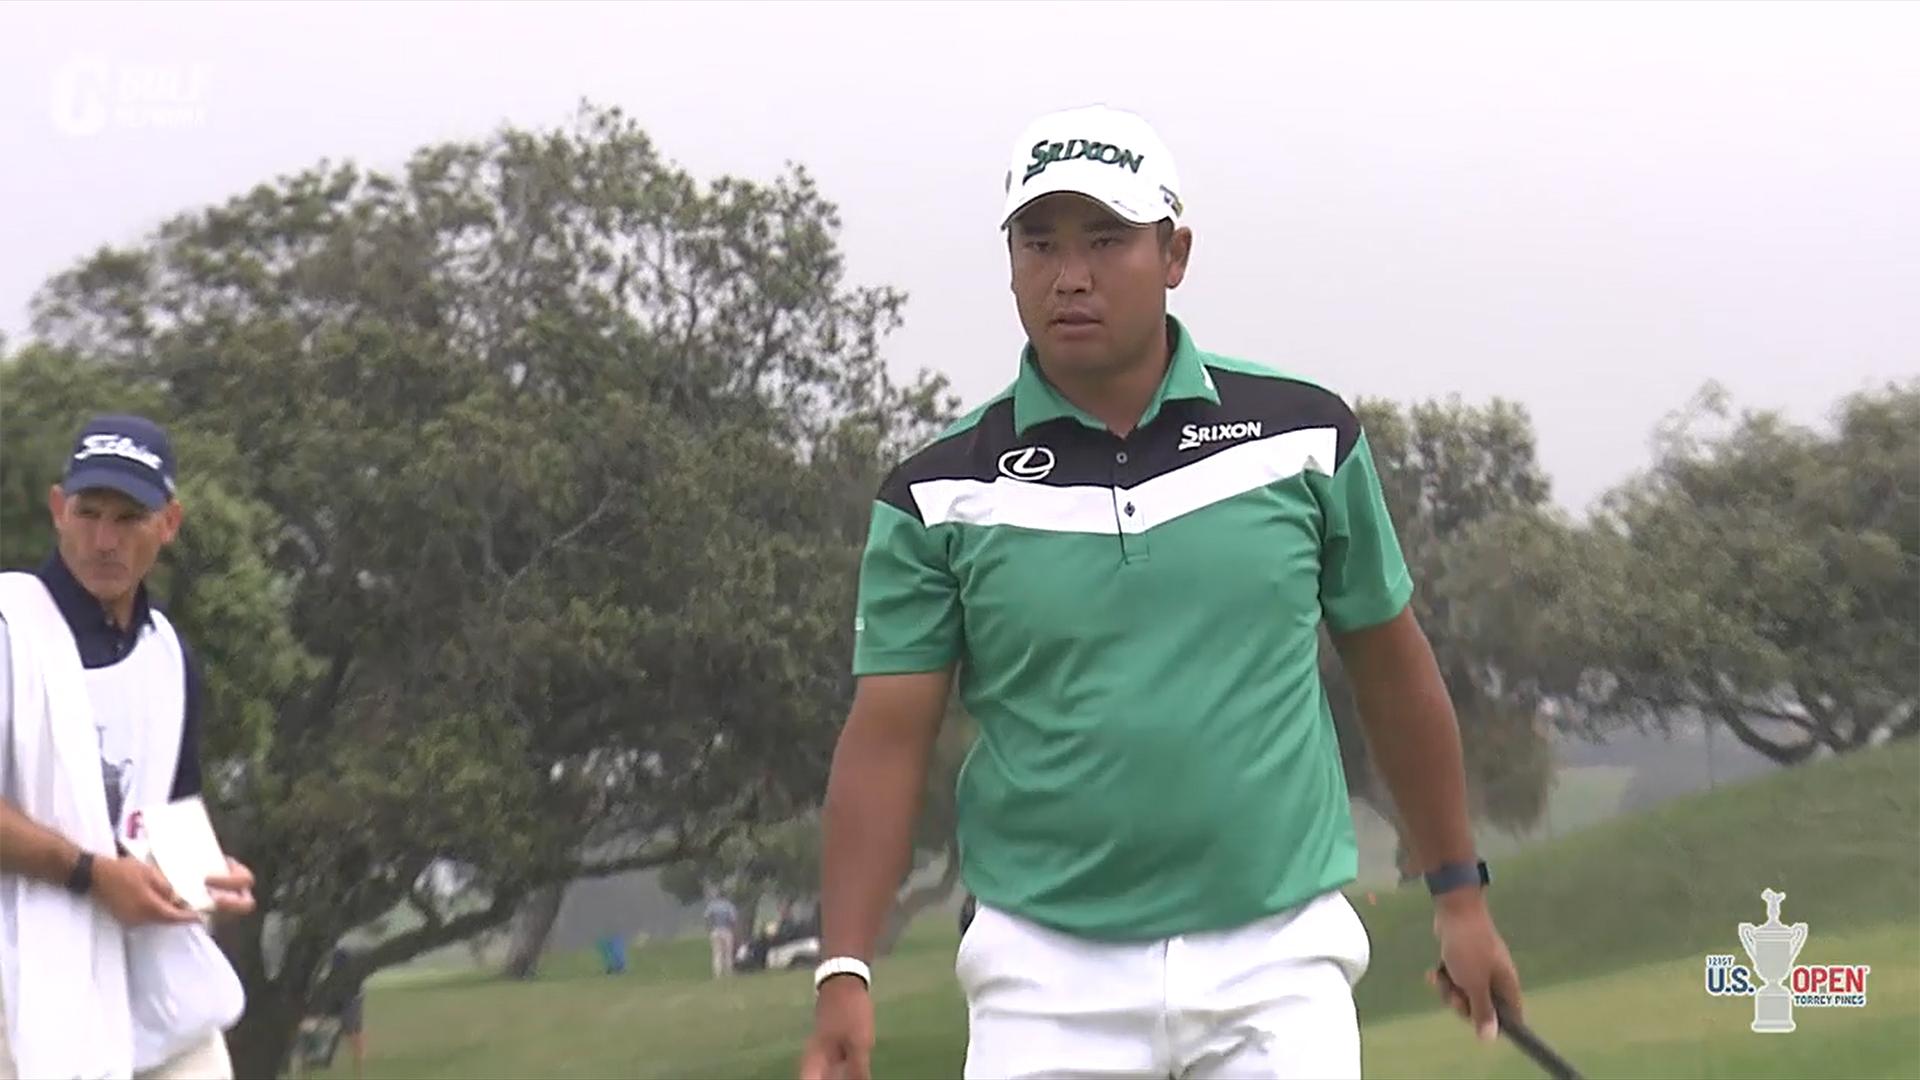 【全米オープン21】松山英樹、ラフからのアプローチに苦戦も耐えのゴルフで41位タイ 第2ラウンド